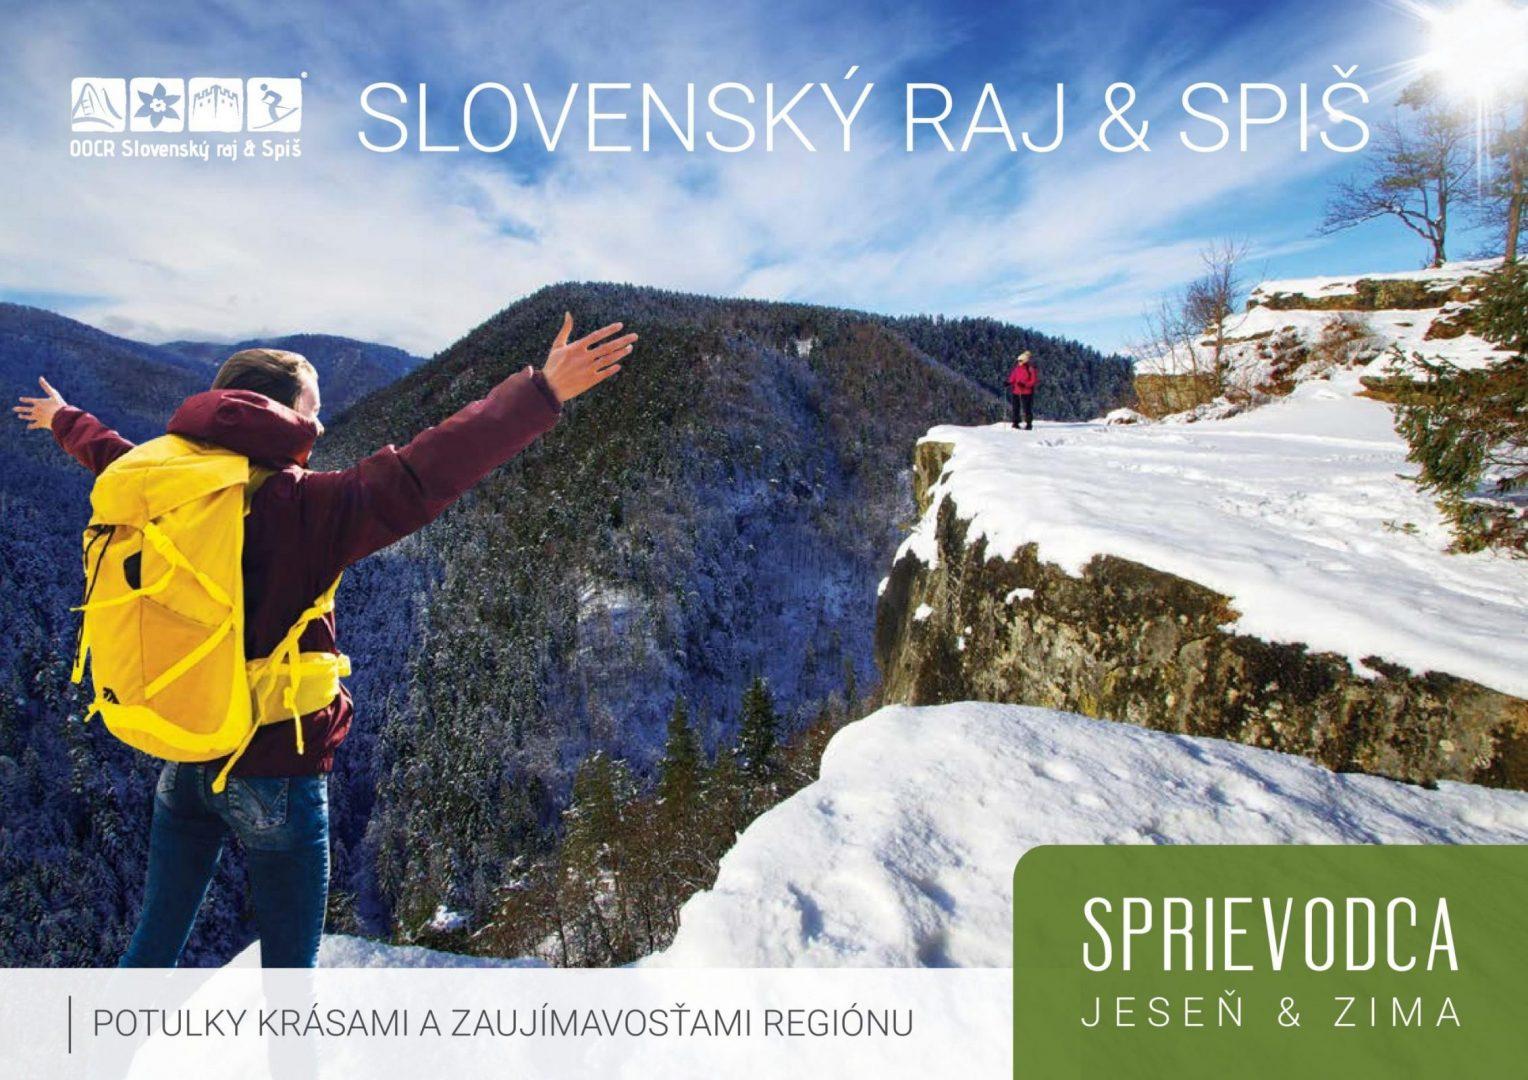 Nová brožúra predstavuje jeseň a zimu v Slovenskom raji a na Spiši